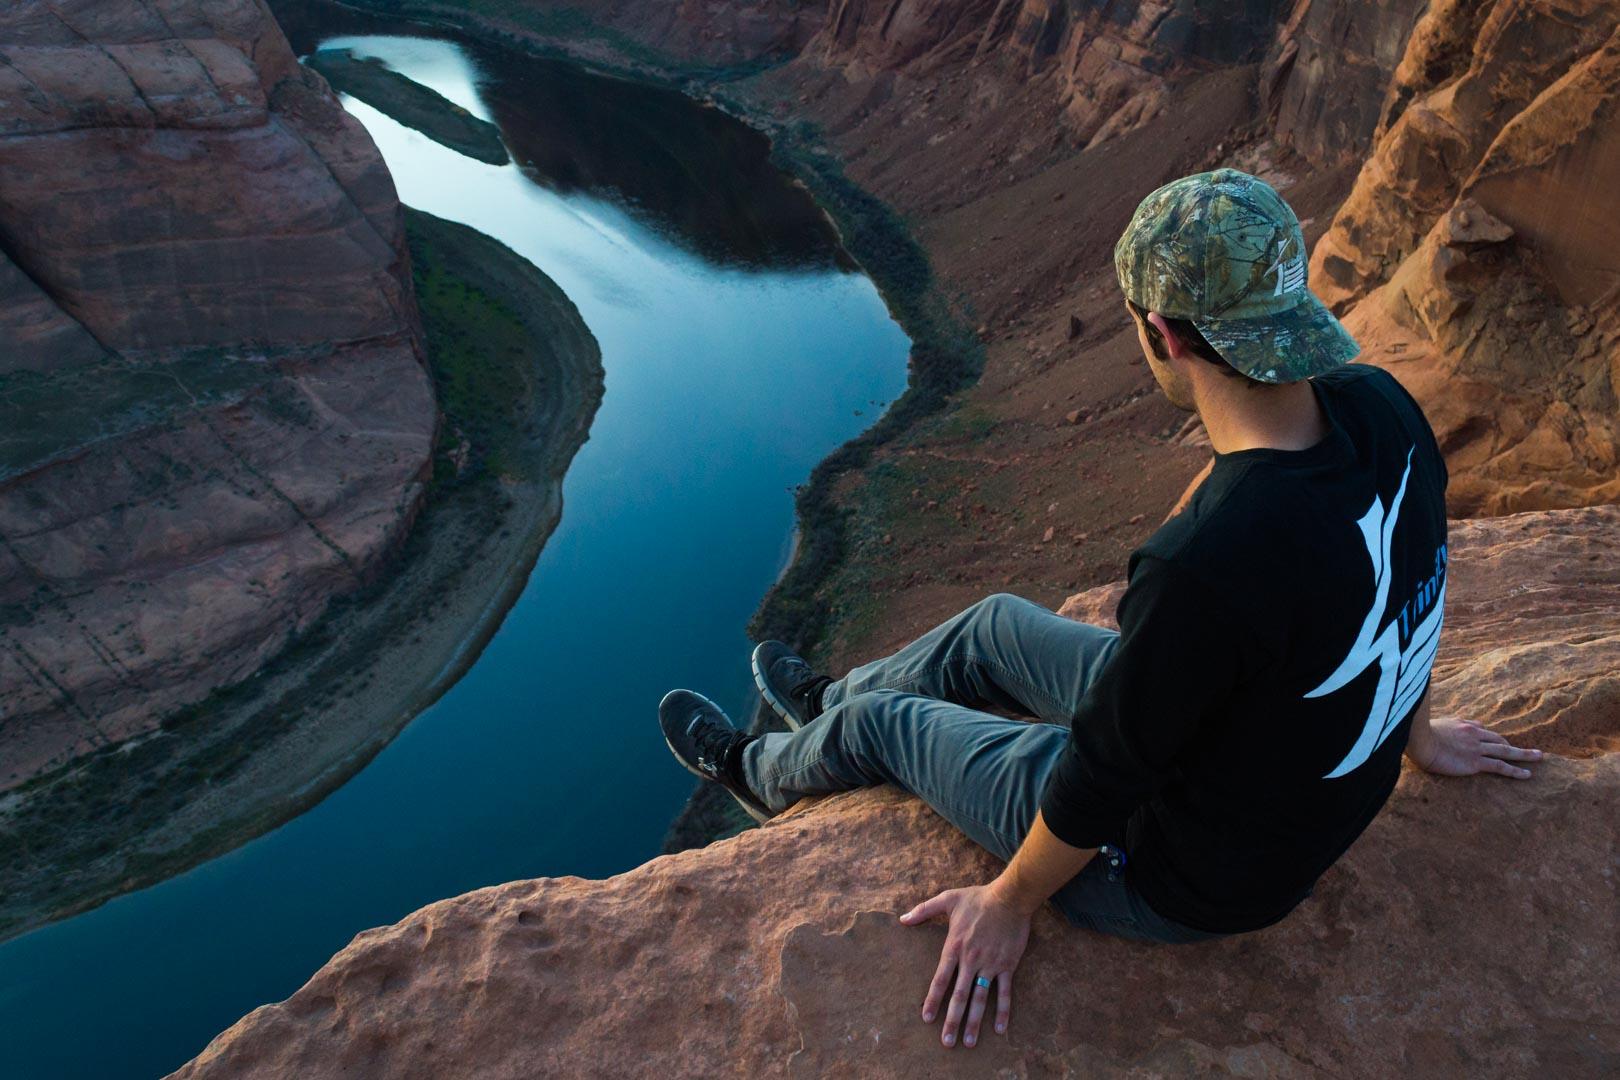 Un touriste au dessus du vide, mon image préférée